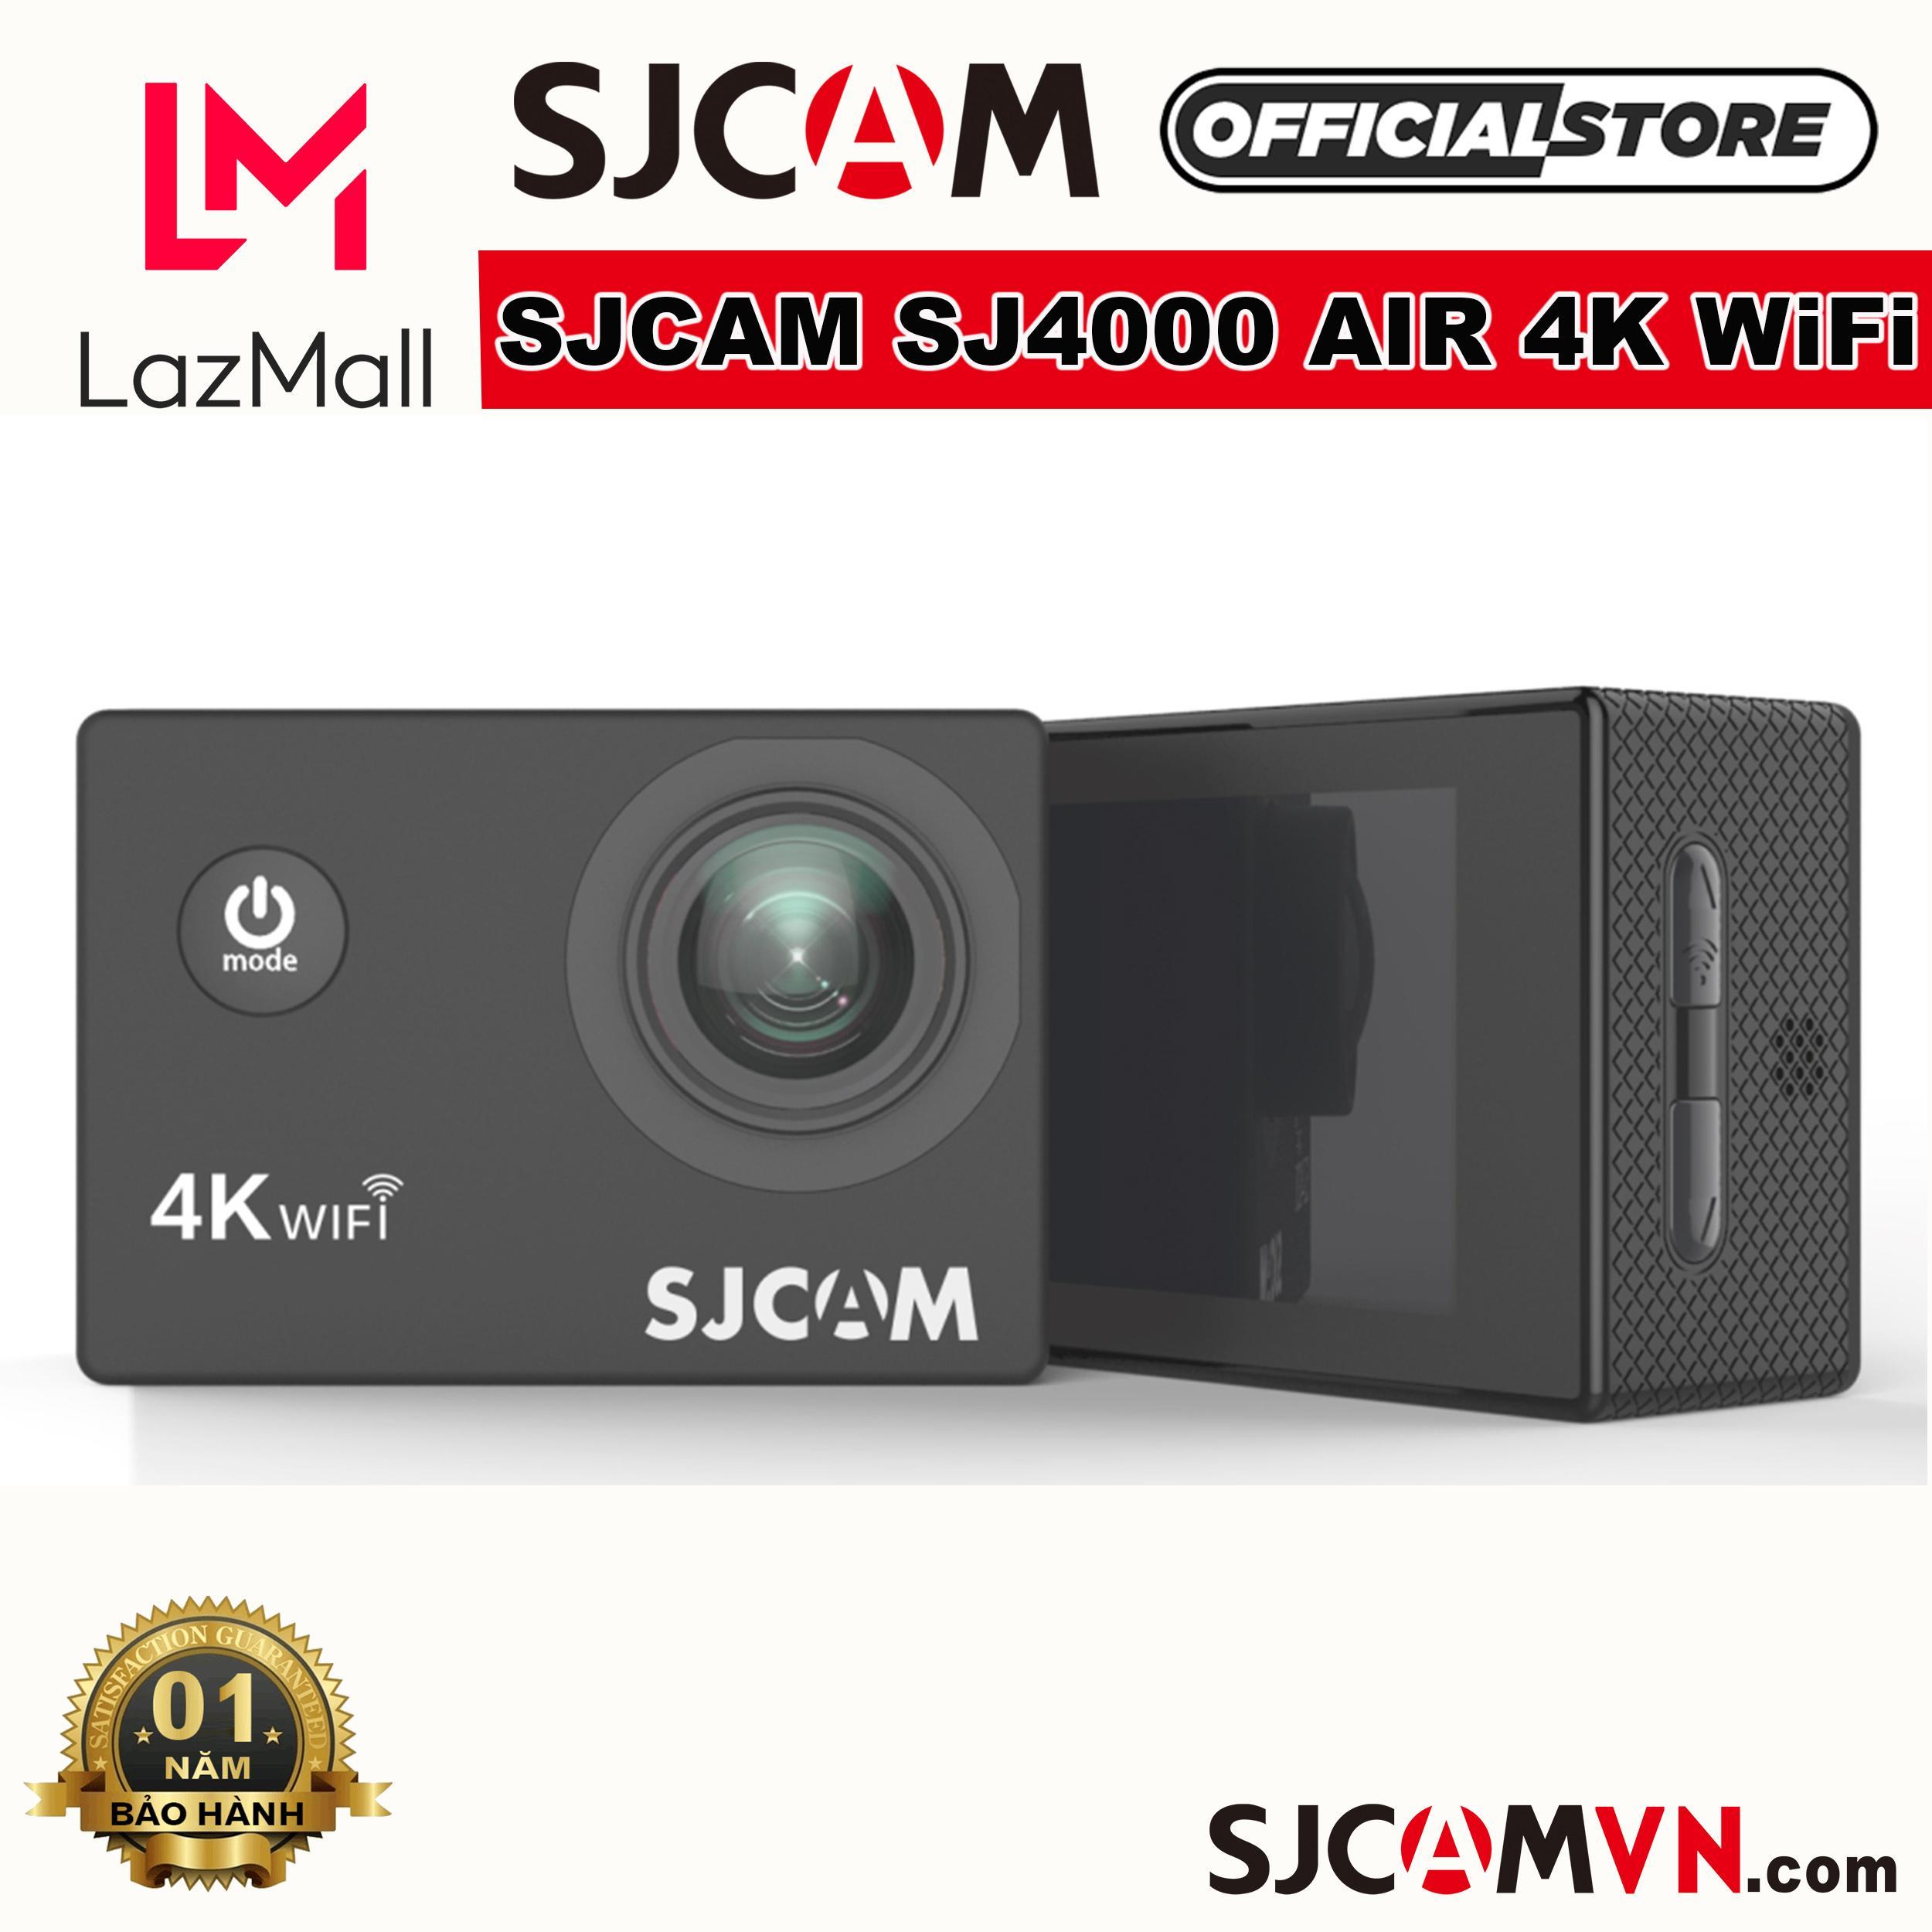 Camera Hành Trình SJCAM SJ4000 AIR 4K WiFi - Hãng Phân Phối Chính Thức Giá Tiết Kiệm Nhất Thị Trường